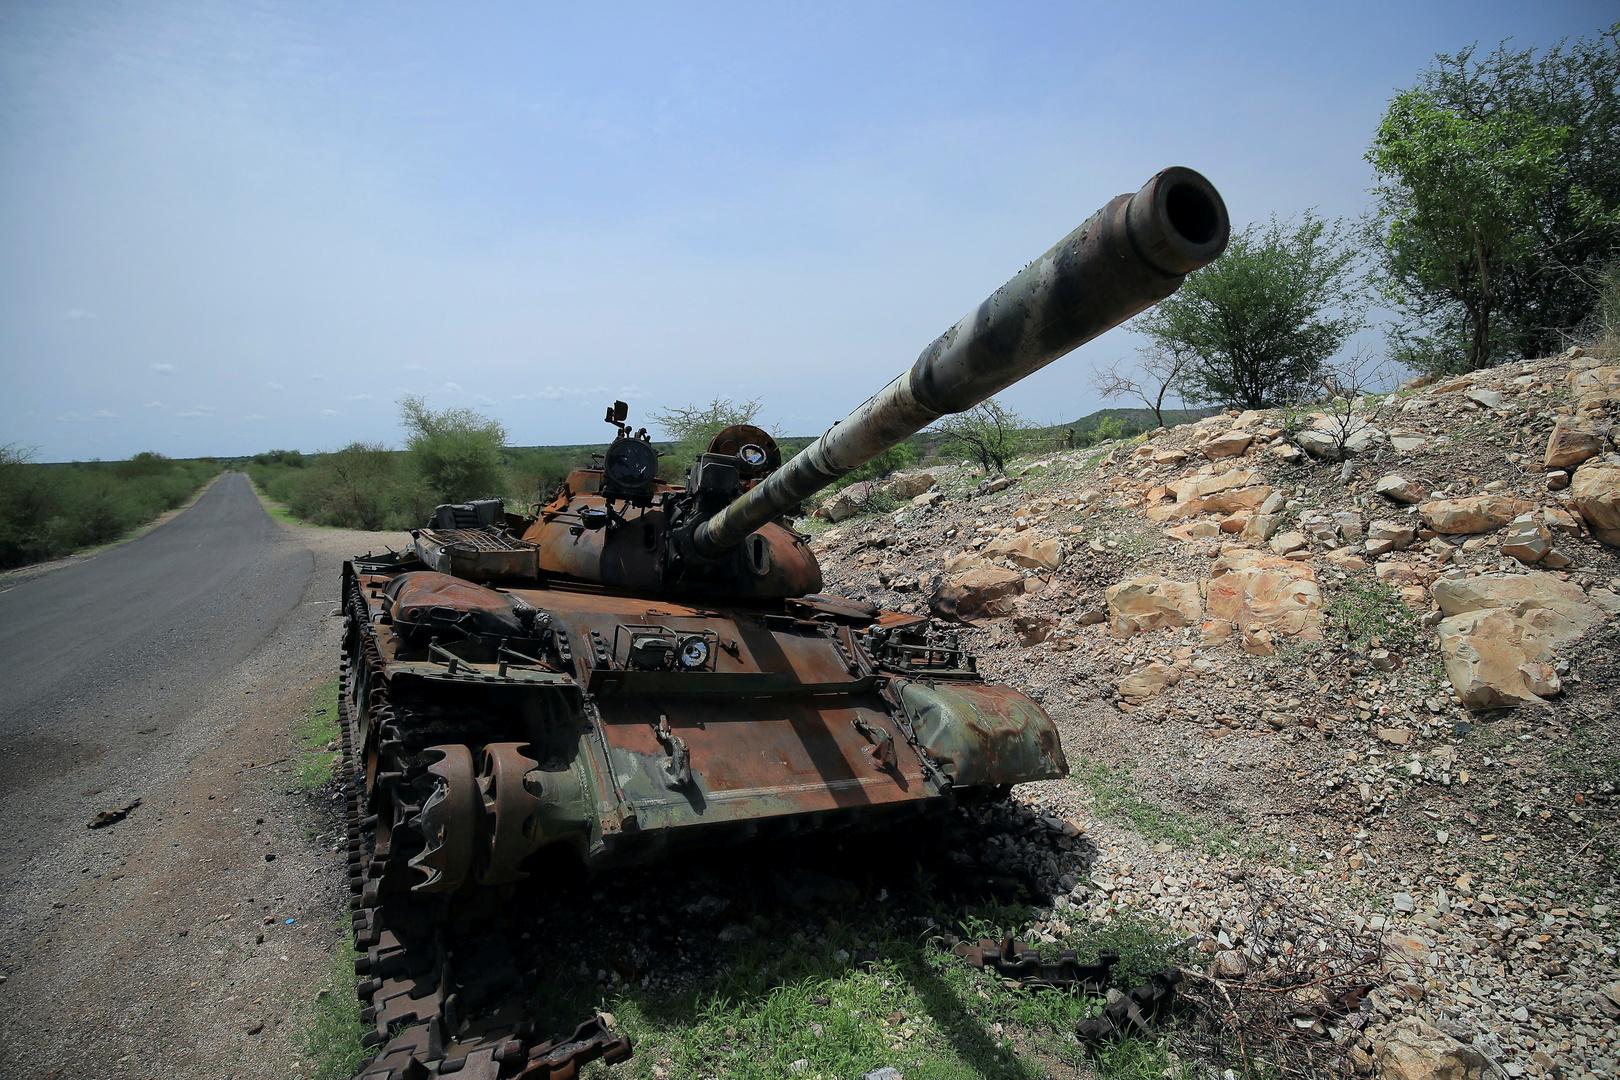 إثيوبيا.. القوات المتمردة تعلن للحكومة شروطها للتفاوض على وقف إطلاق النار في تيغراي